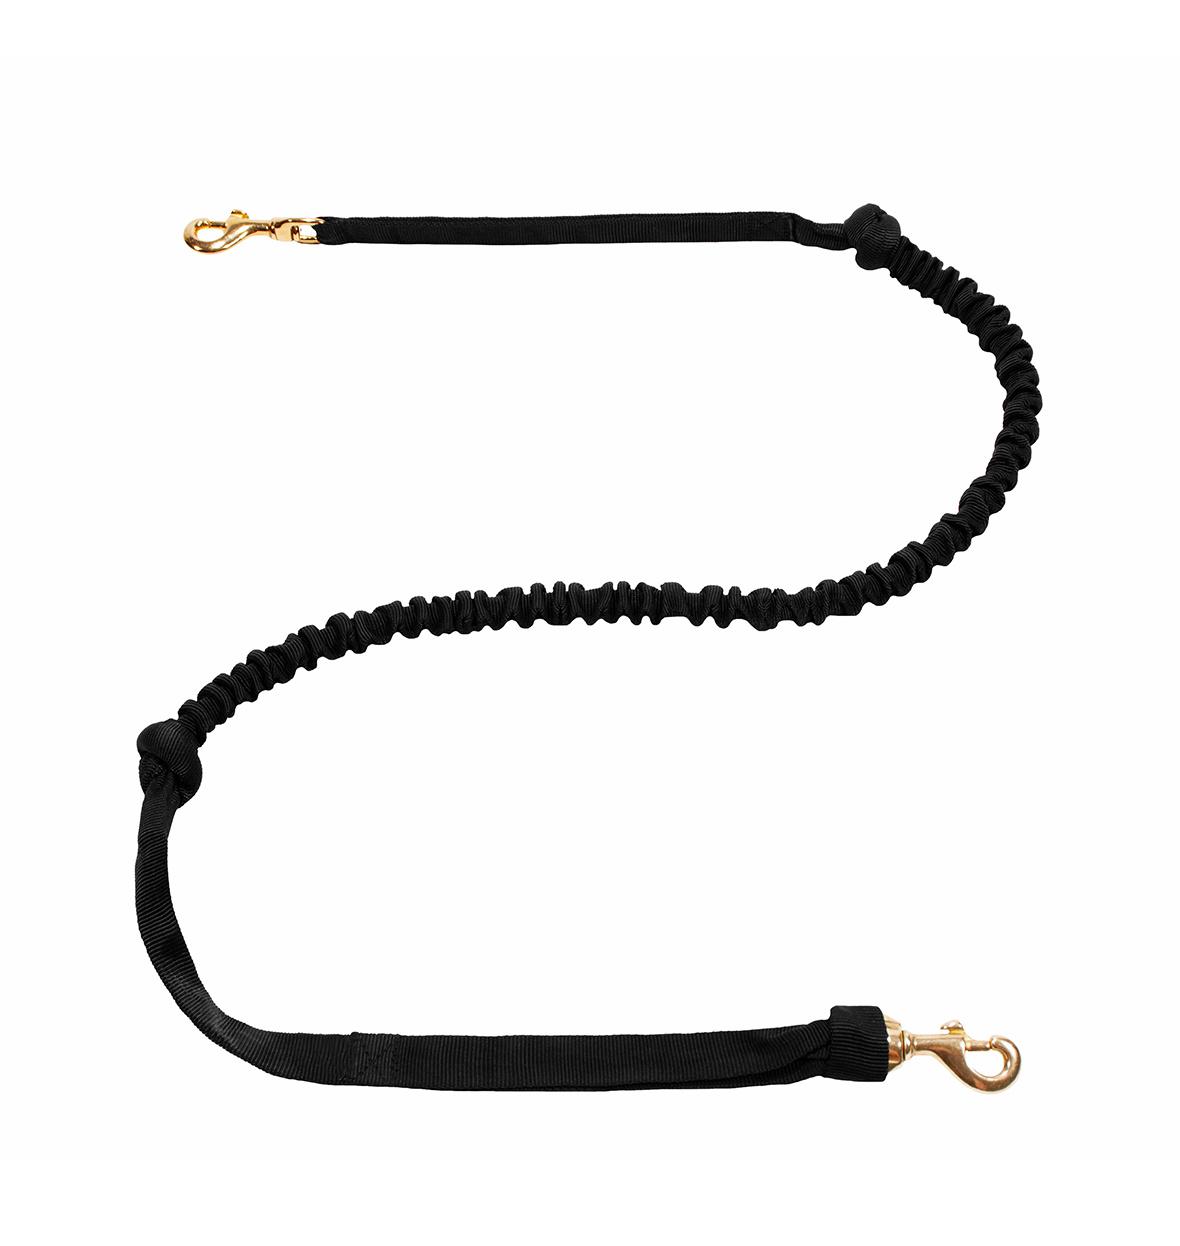 LasaLine LasaLine Laisse de joring pour chien mains libres  - 2 mousquetons - noir